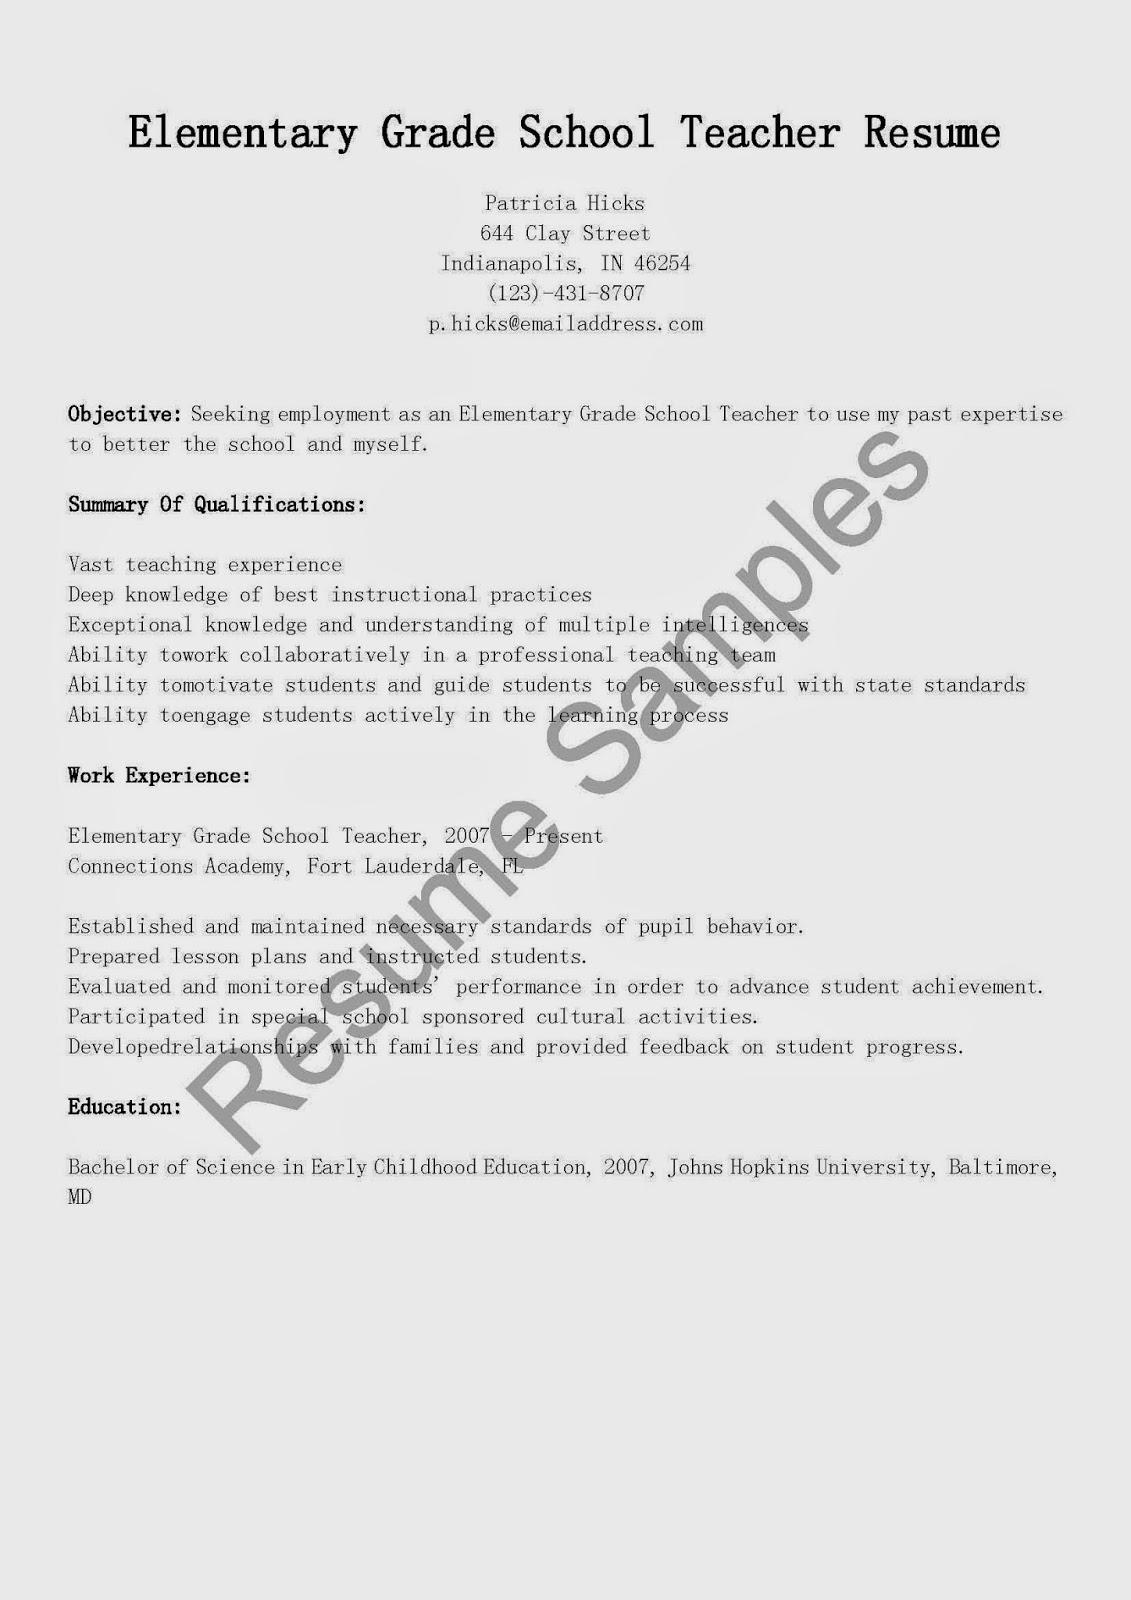 resume samples elementary grade school teacher resume sample